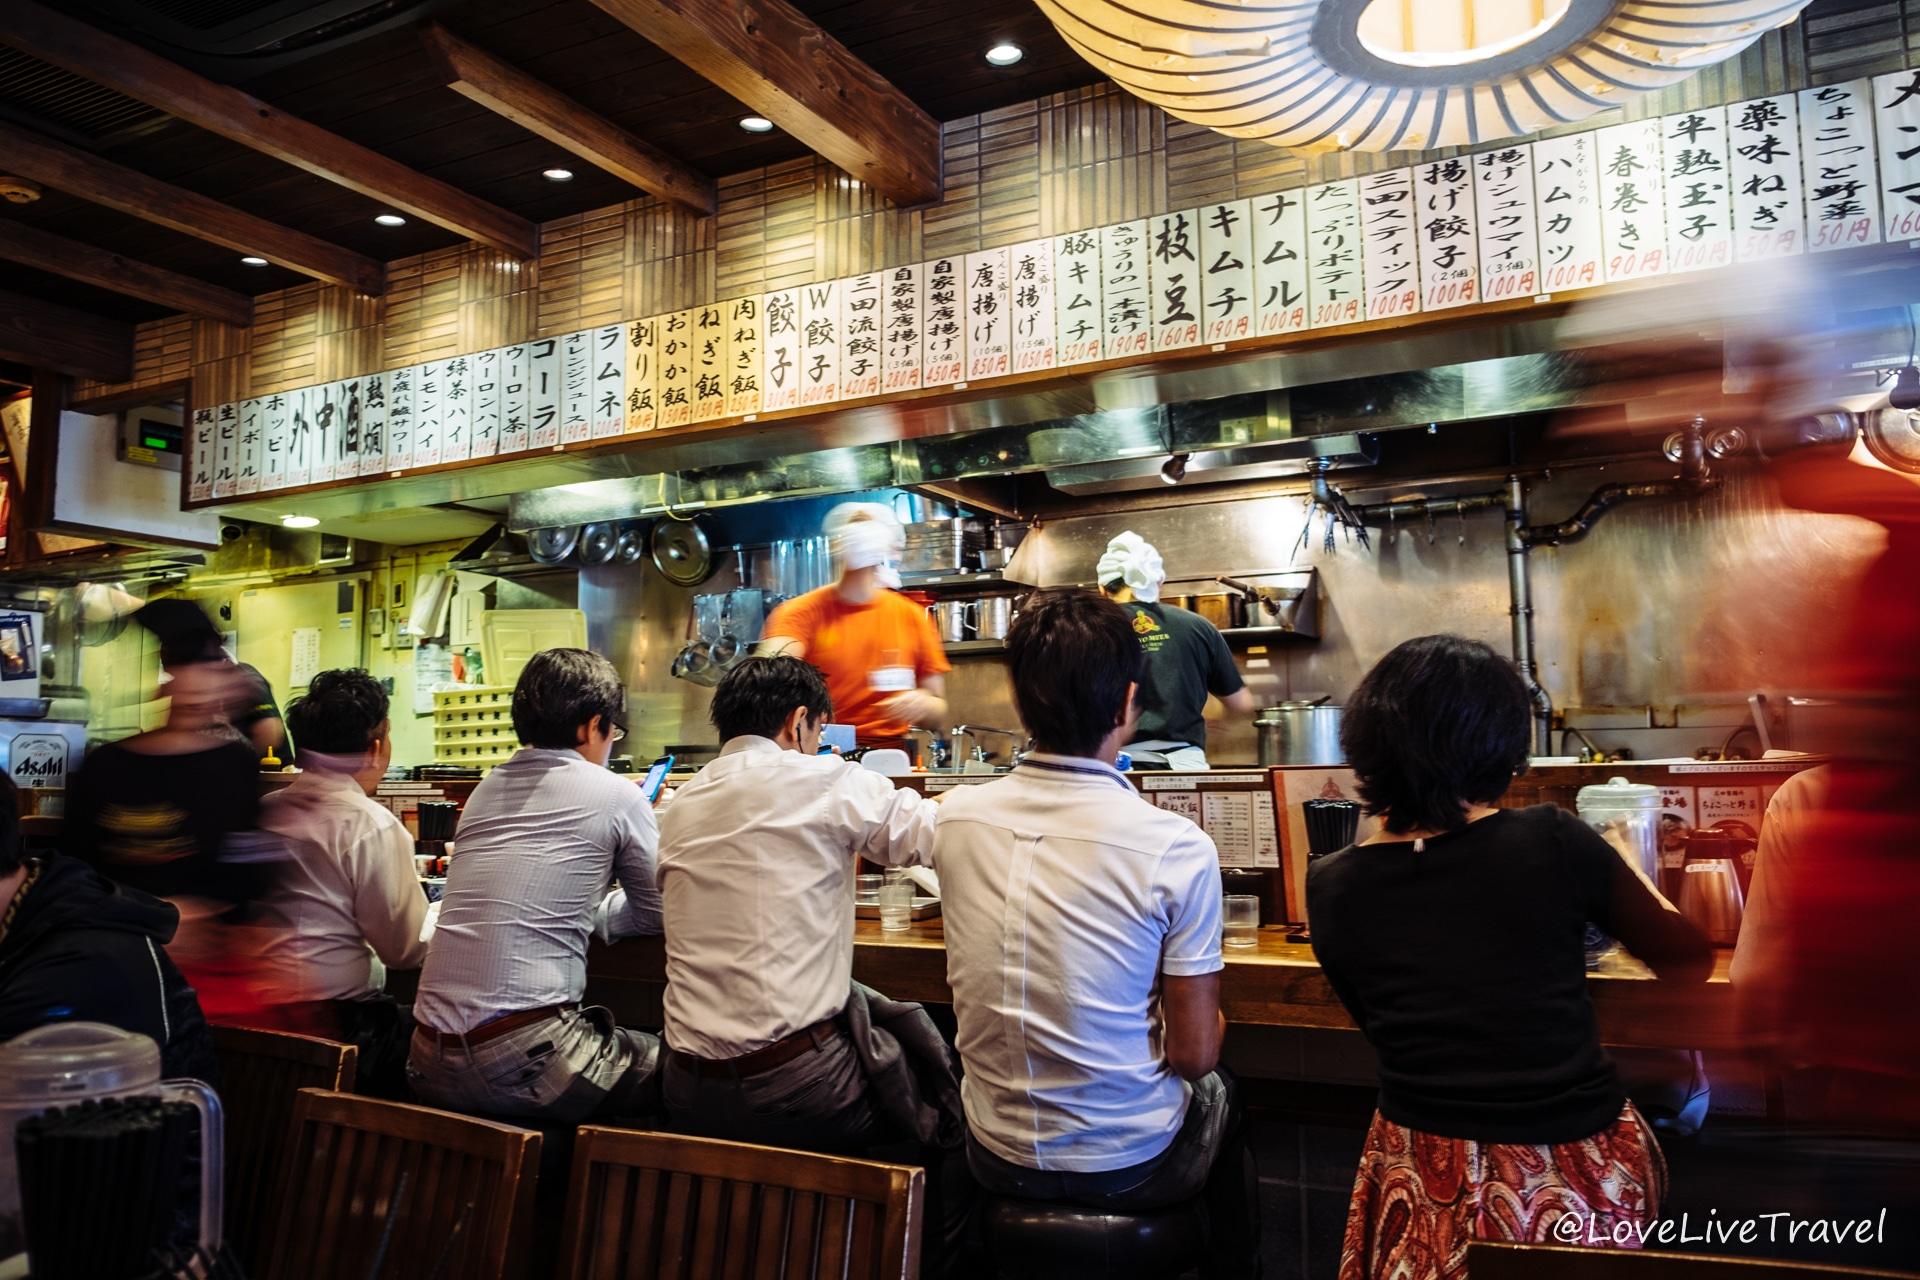 shinjuku tokyo Japon blog voyage Lovelivetravel